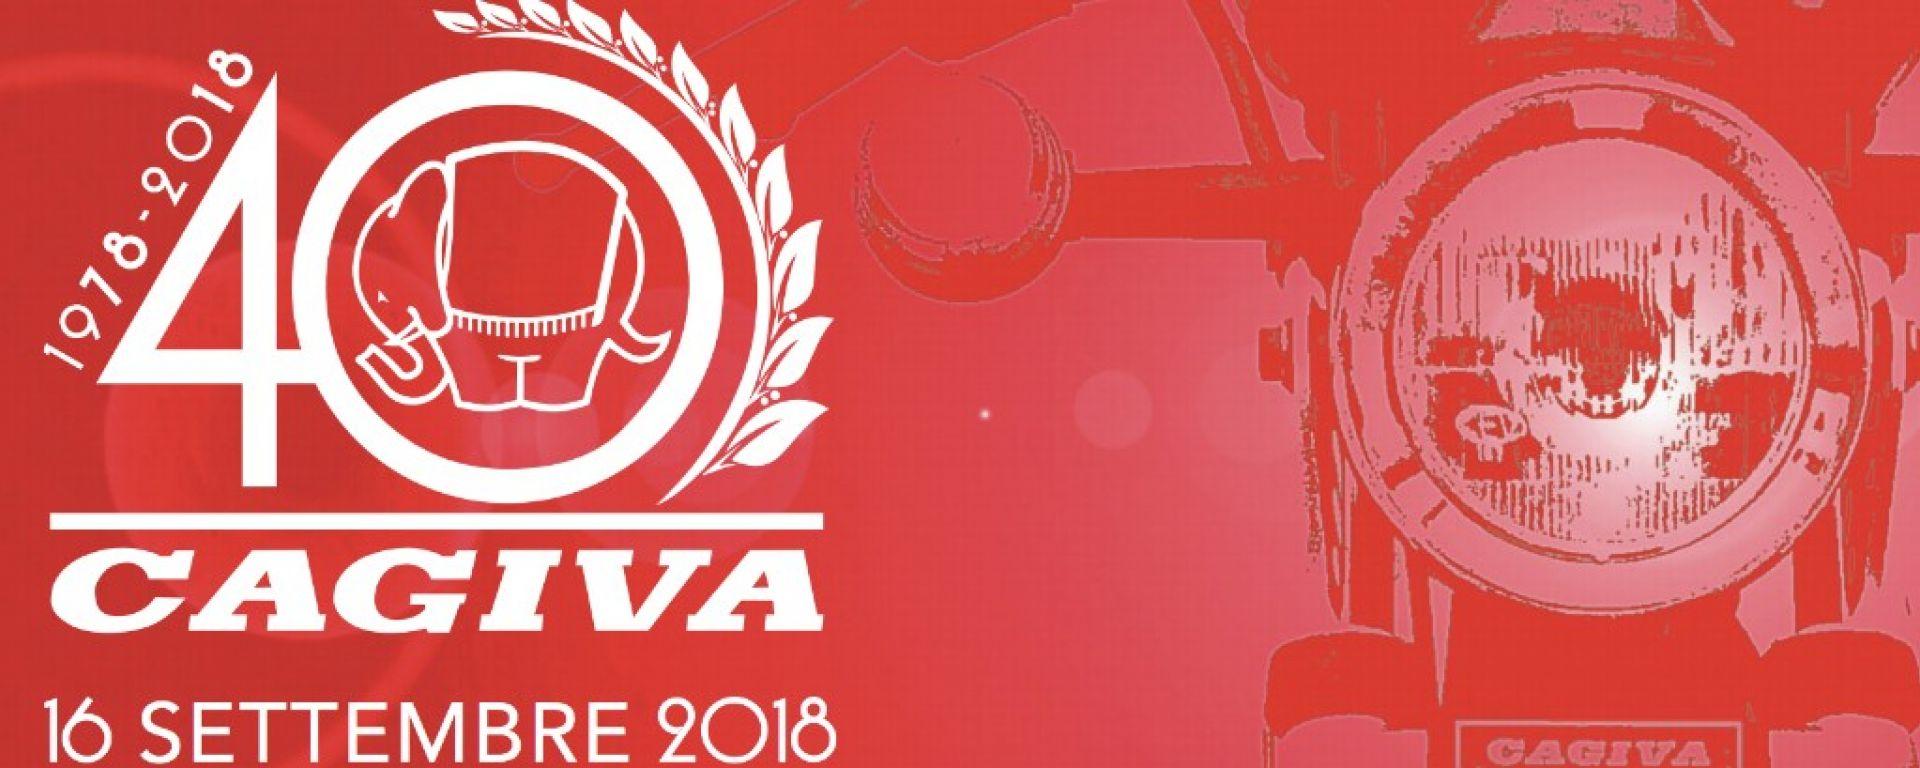 Cagiva: Domenica i festeggiamenti dei 40 anni a Schiranna